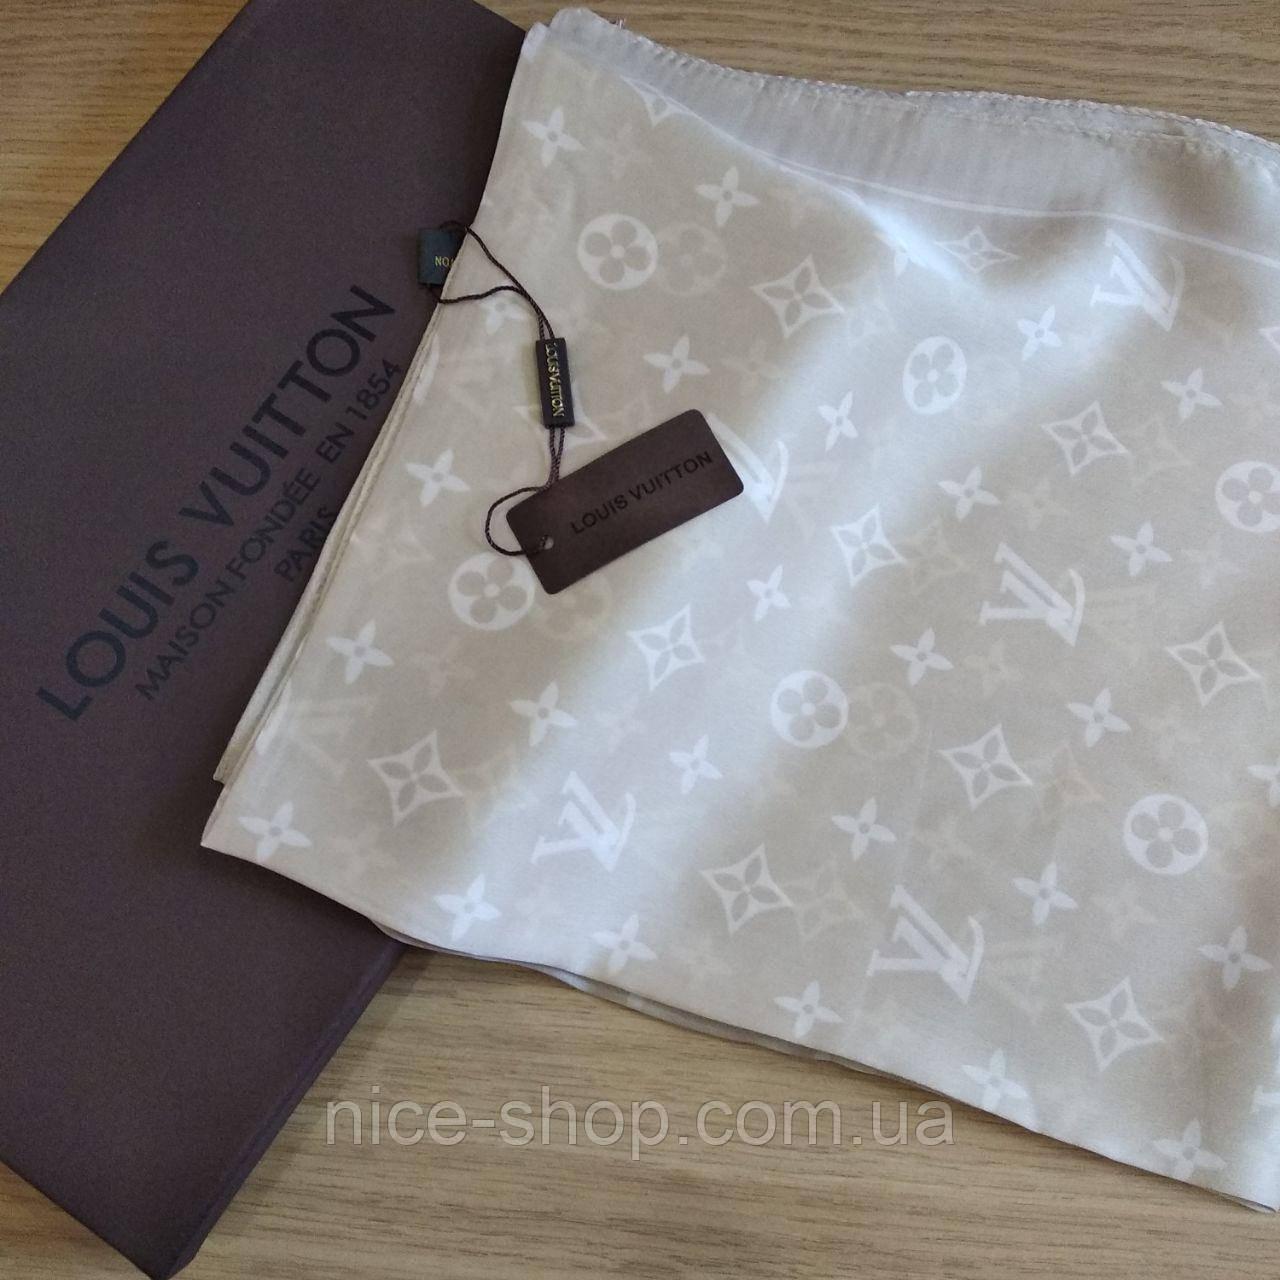 Платок Louis Vuitton шелк бежевый